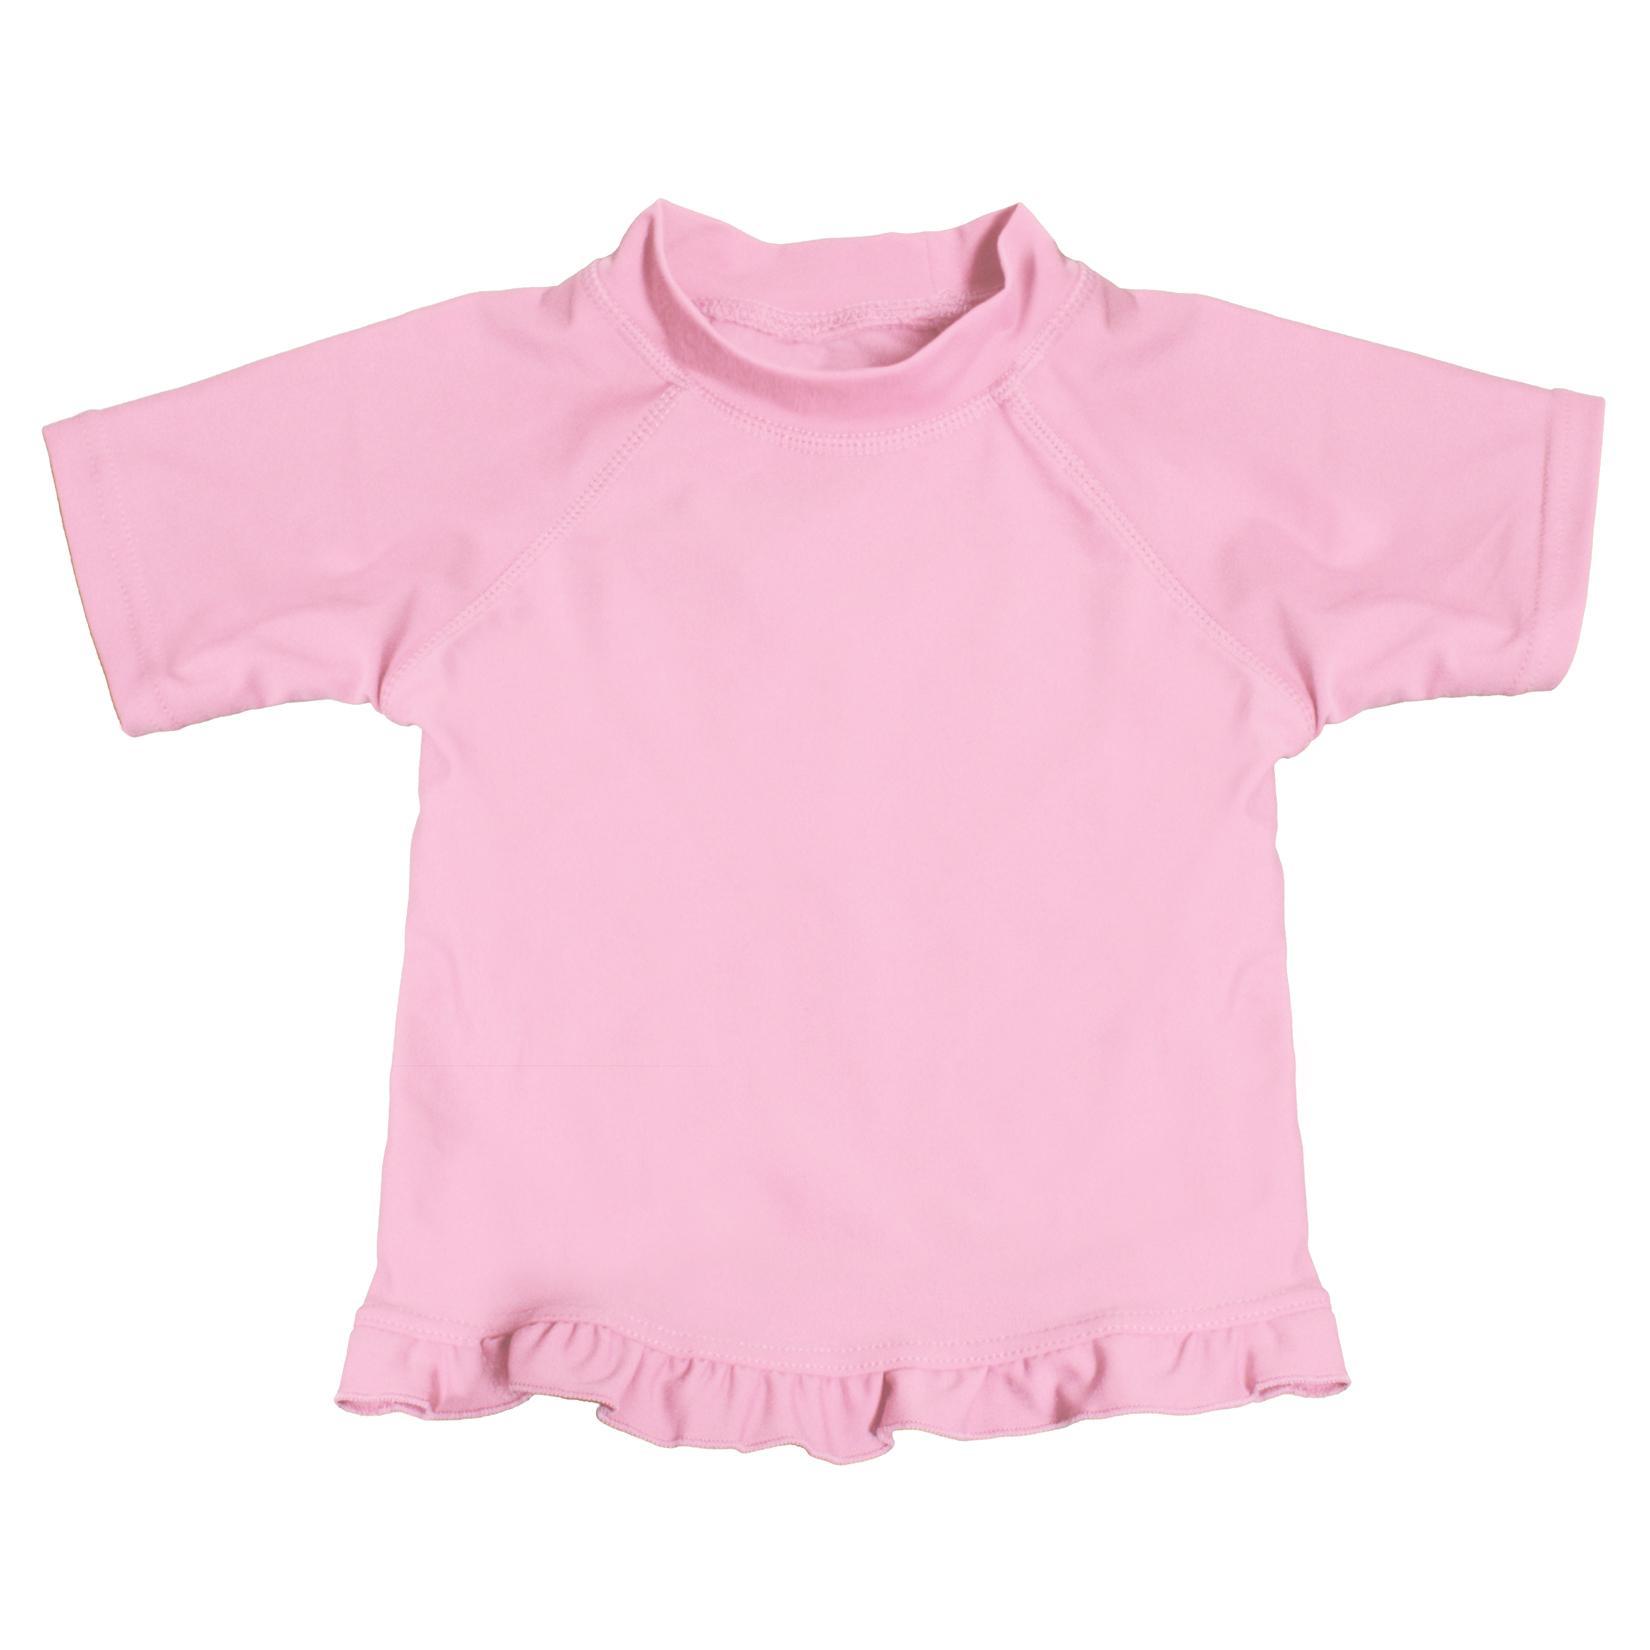 Amazon My Swim Baby Children s UV Shirt Sports & Outdoors